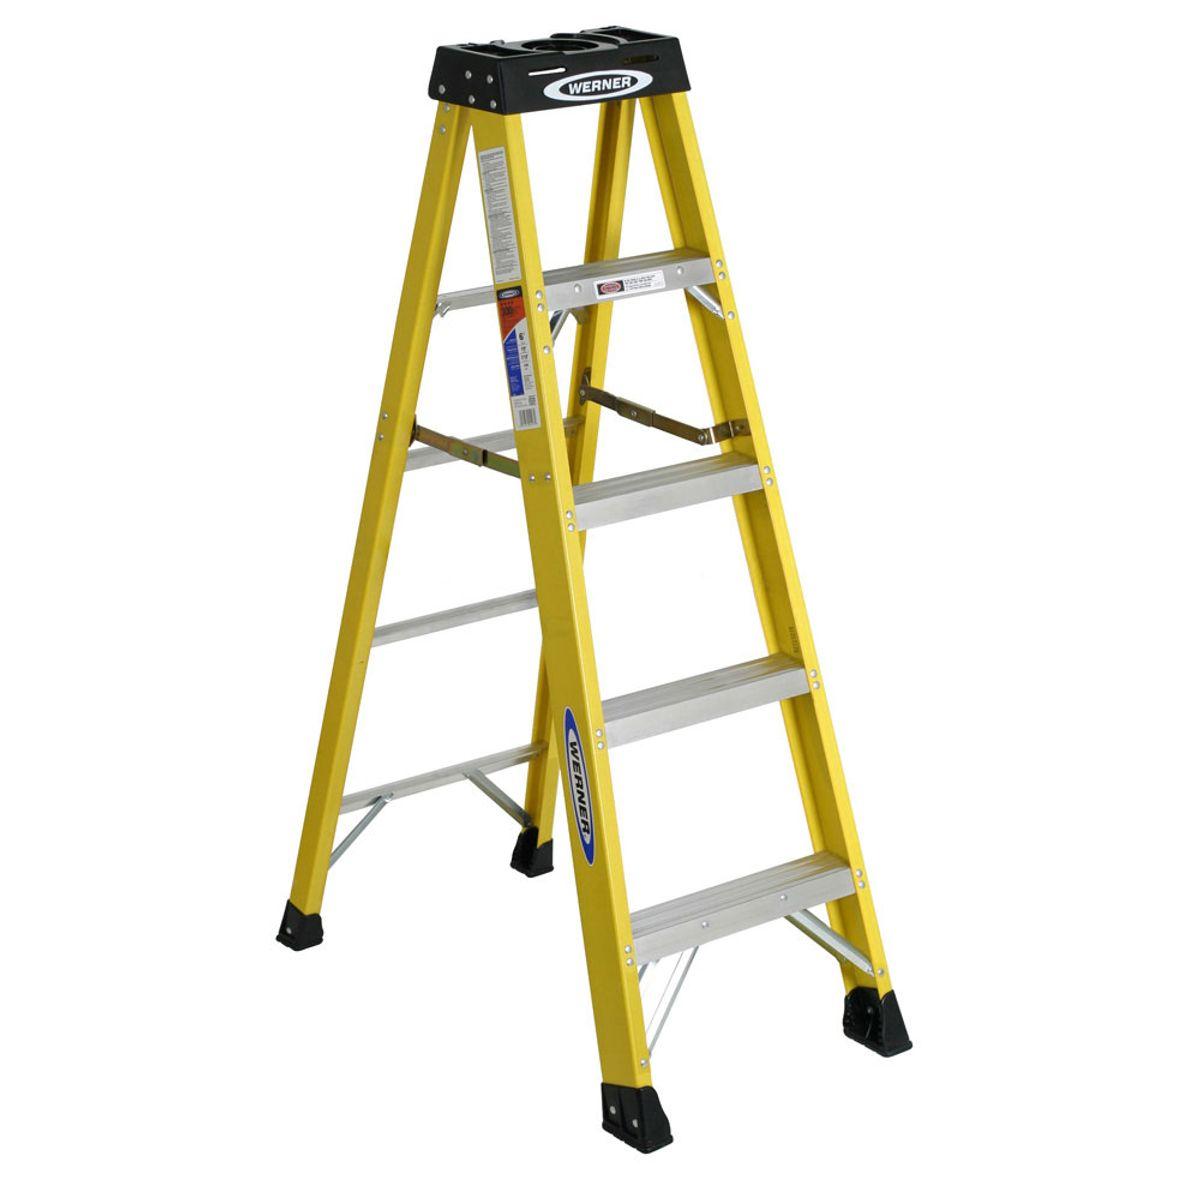 6105ca Step Ladders Werner Ca